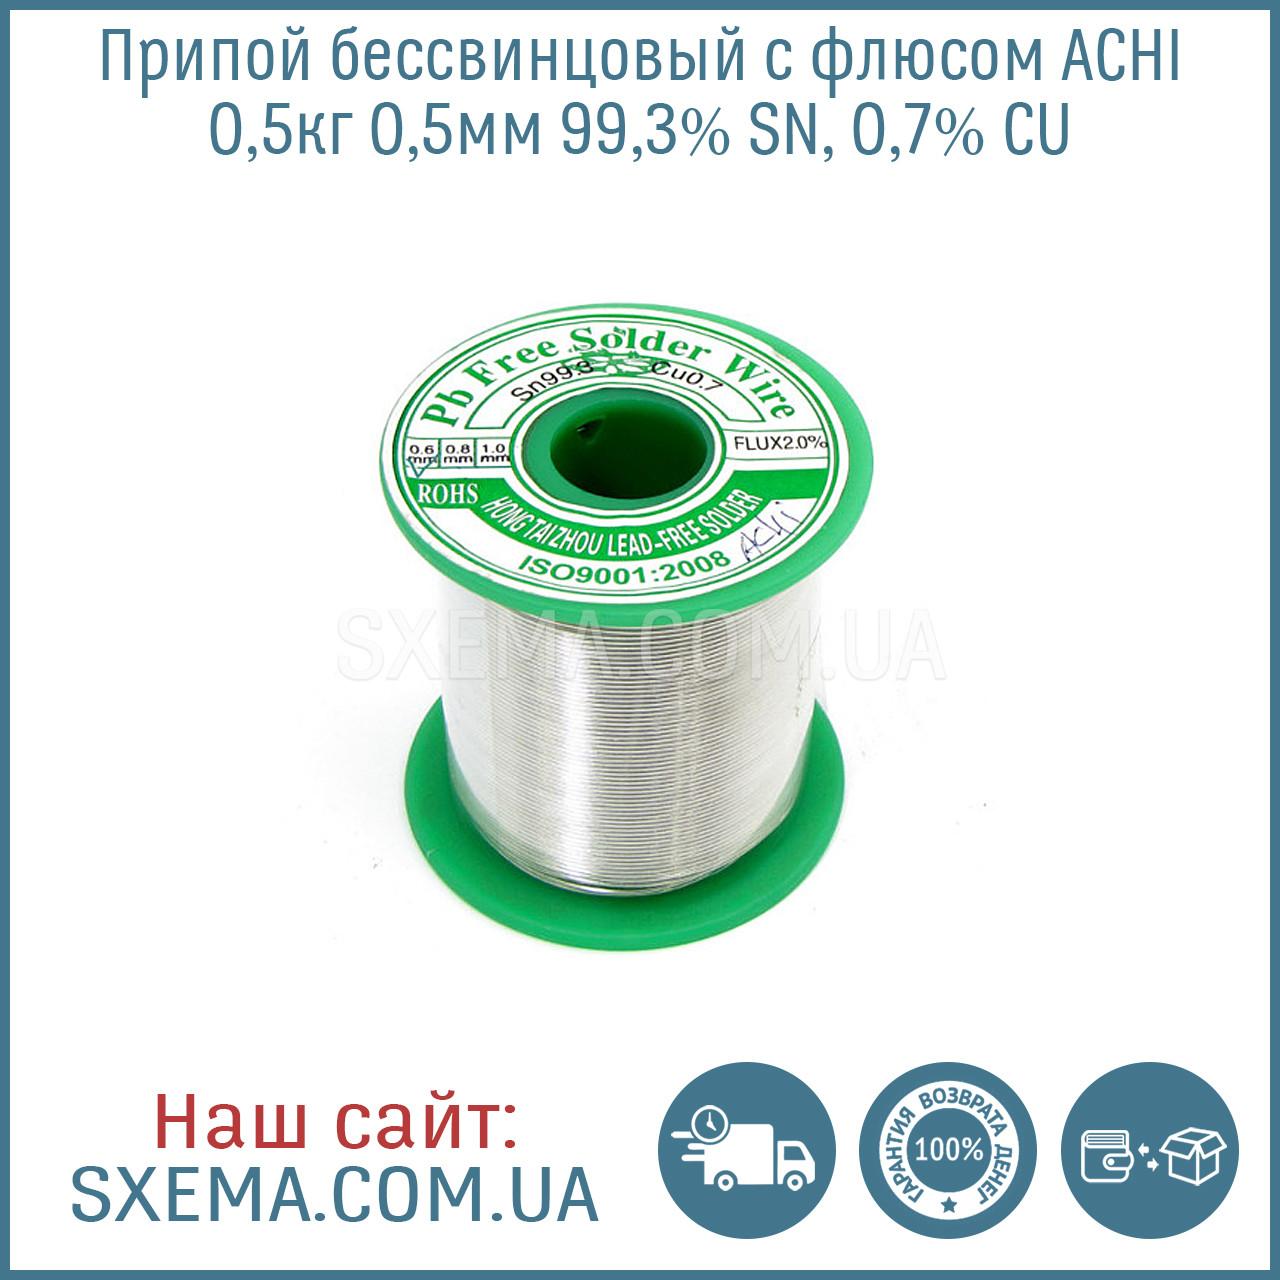 Припой для пайки бессвинцовый c флюсом ACHI  0,5кг 0,5мм 99,3% SN, 0,7% CU